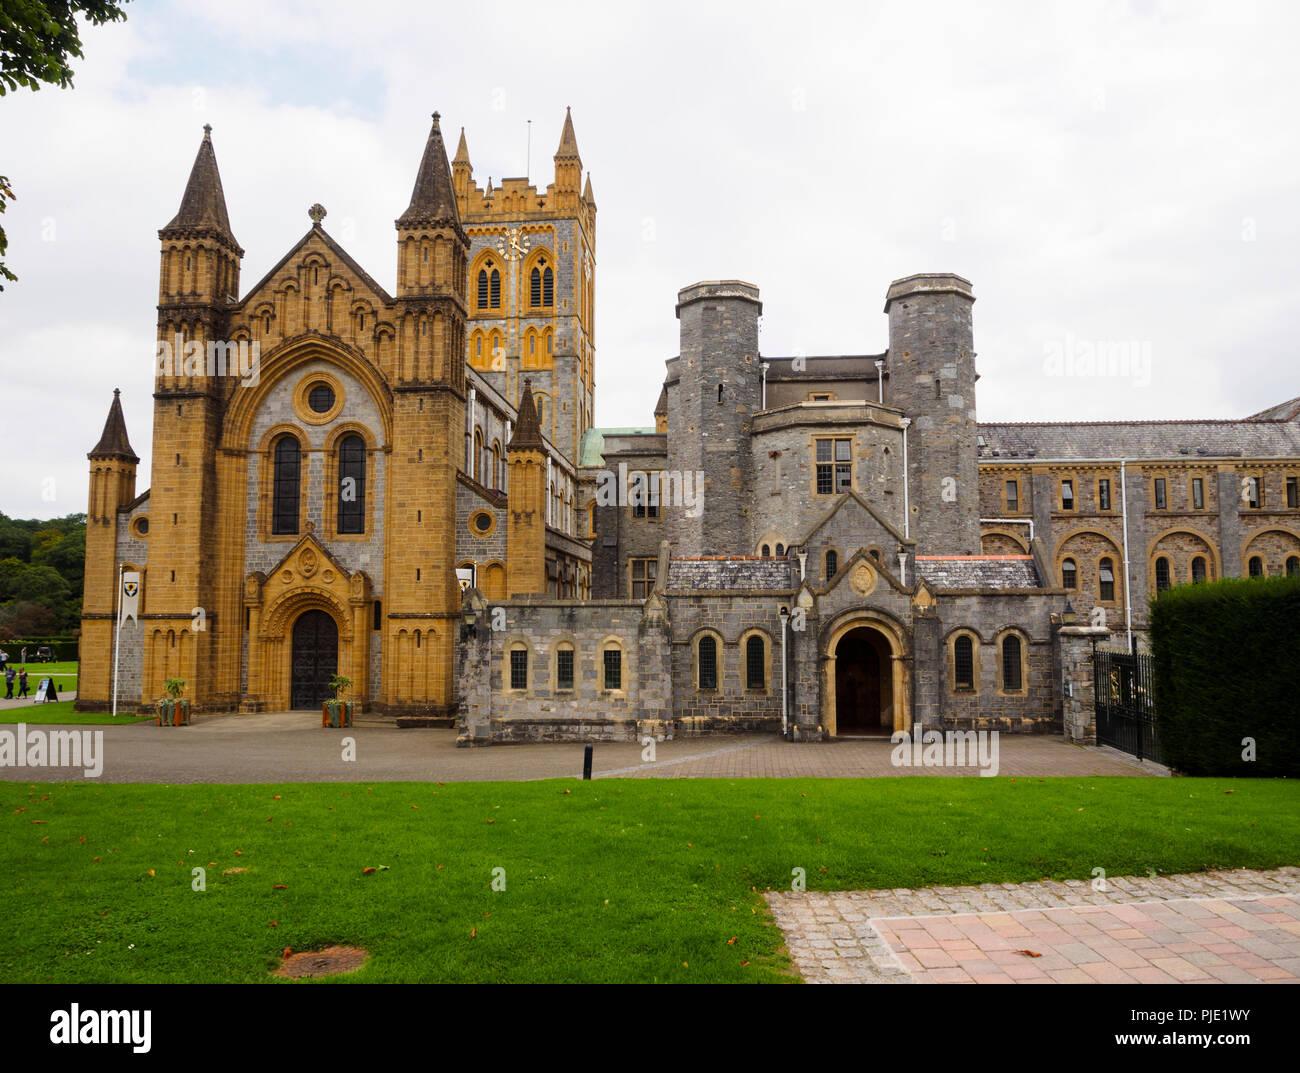 L'église bénédictine abbaye de Buckfast et bâtiments du monastère vue frontale Photo Stock